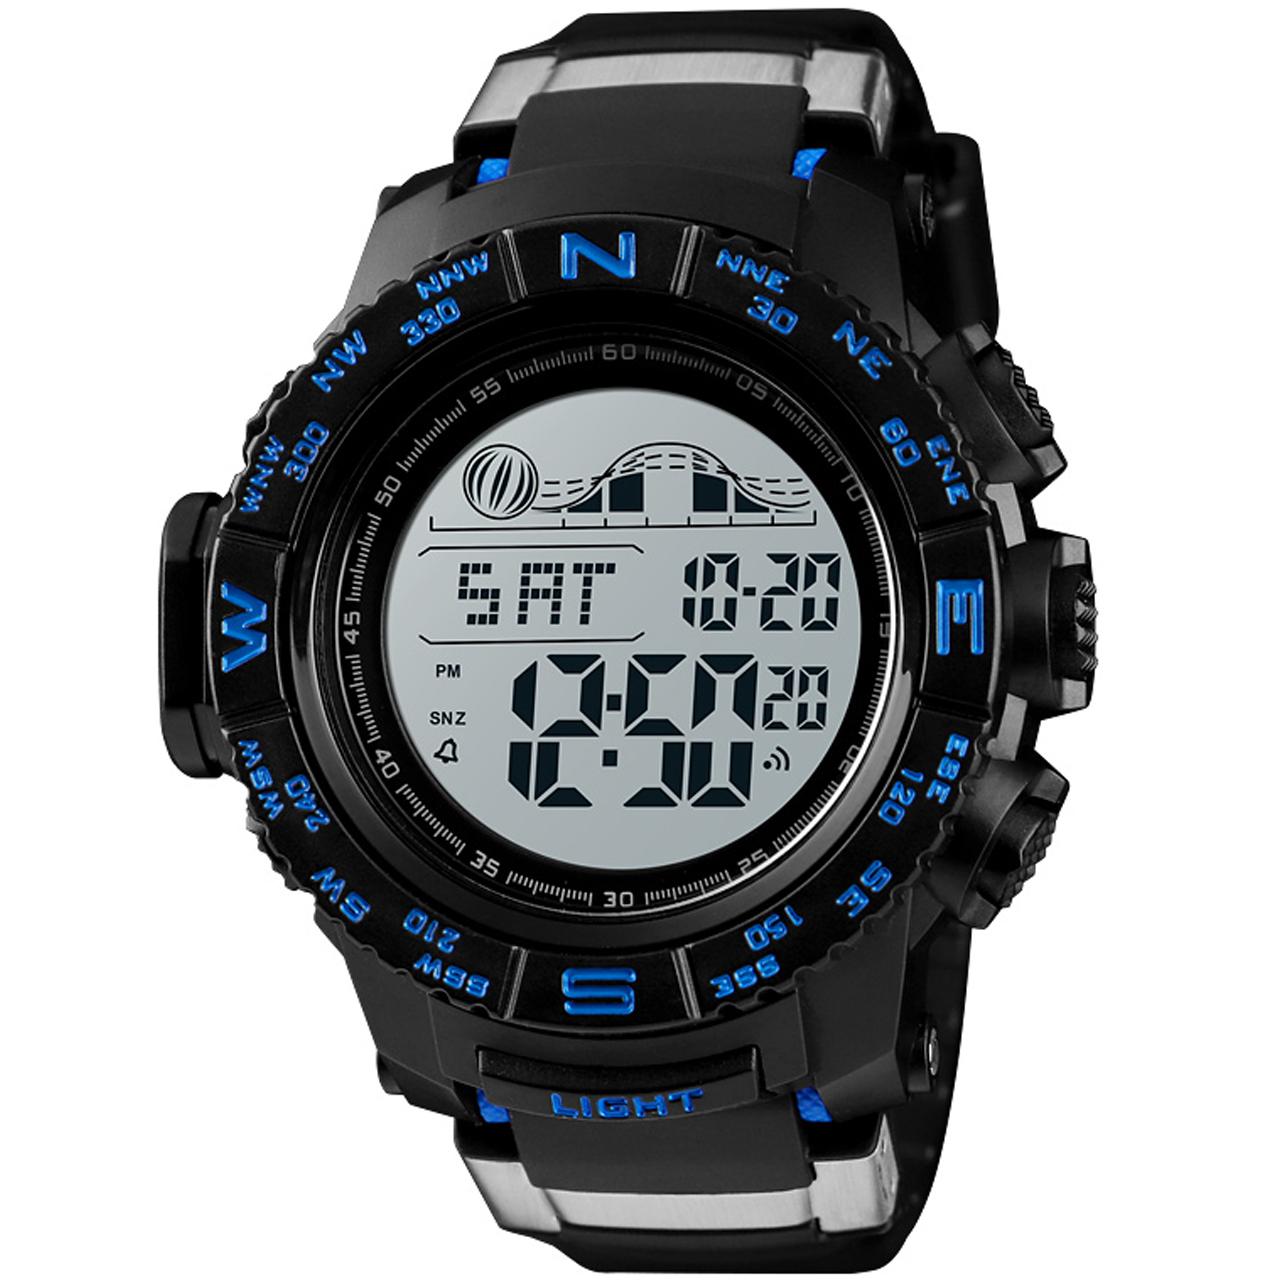 ساعت مچی دیجیتال مردانه اسکمی مدل 1380A 19